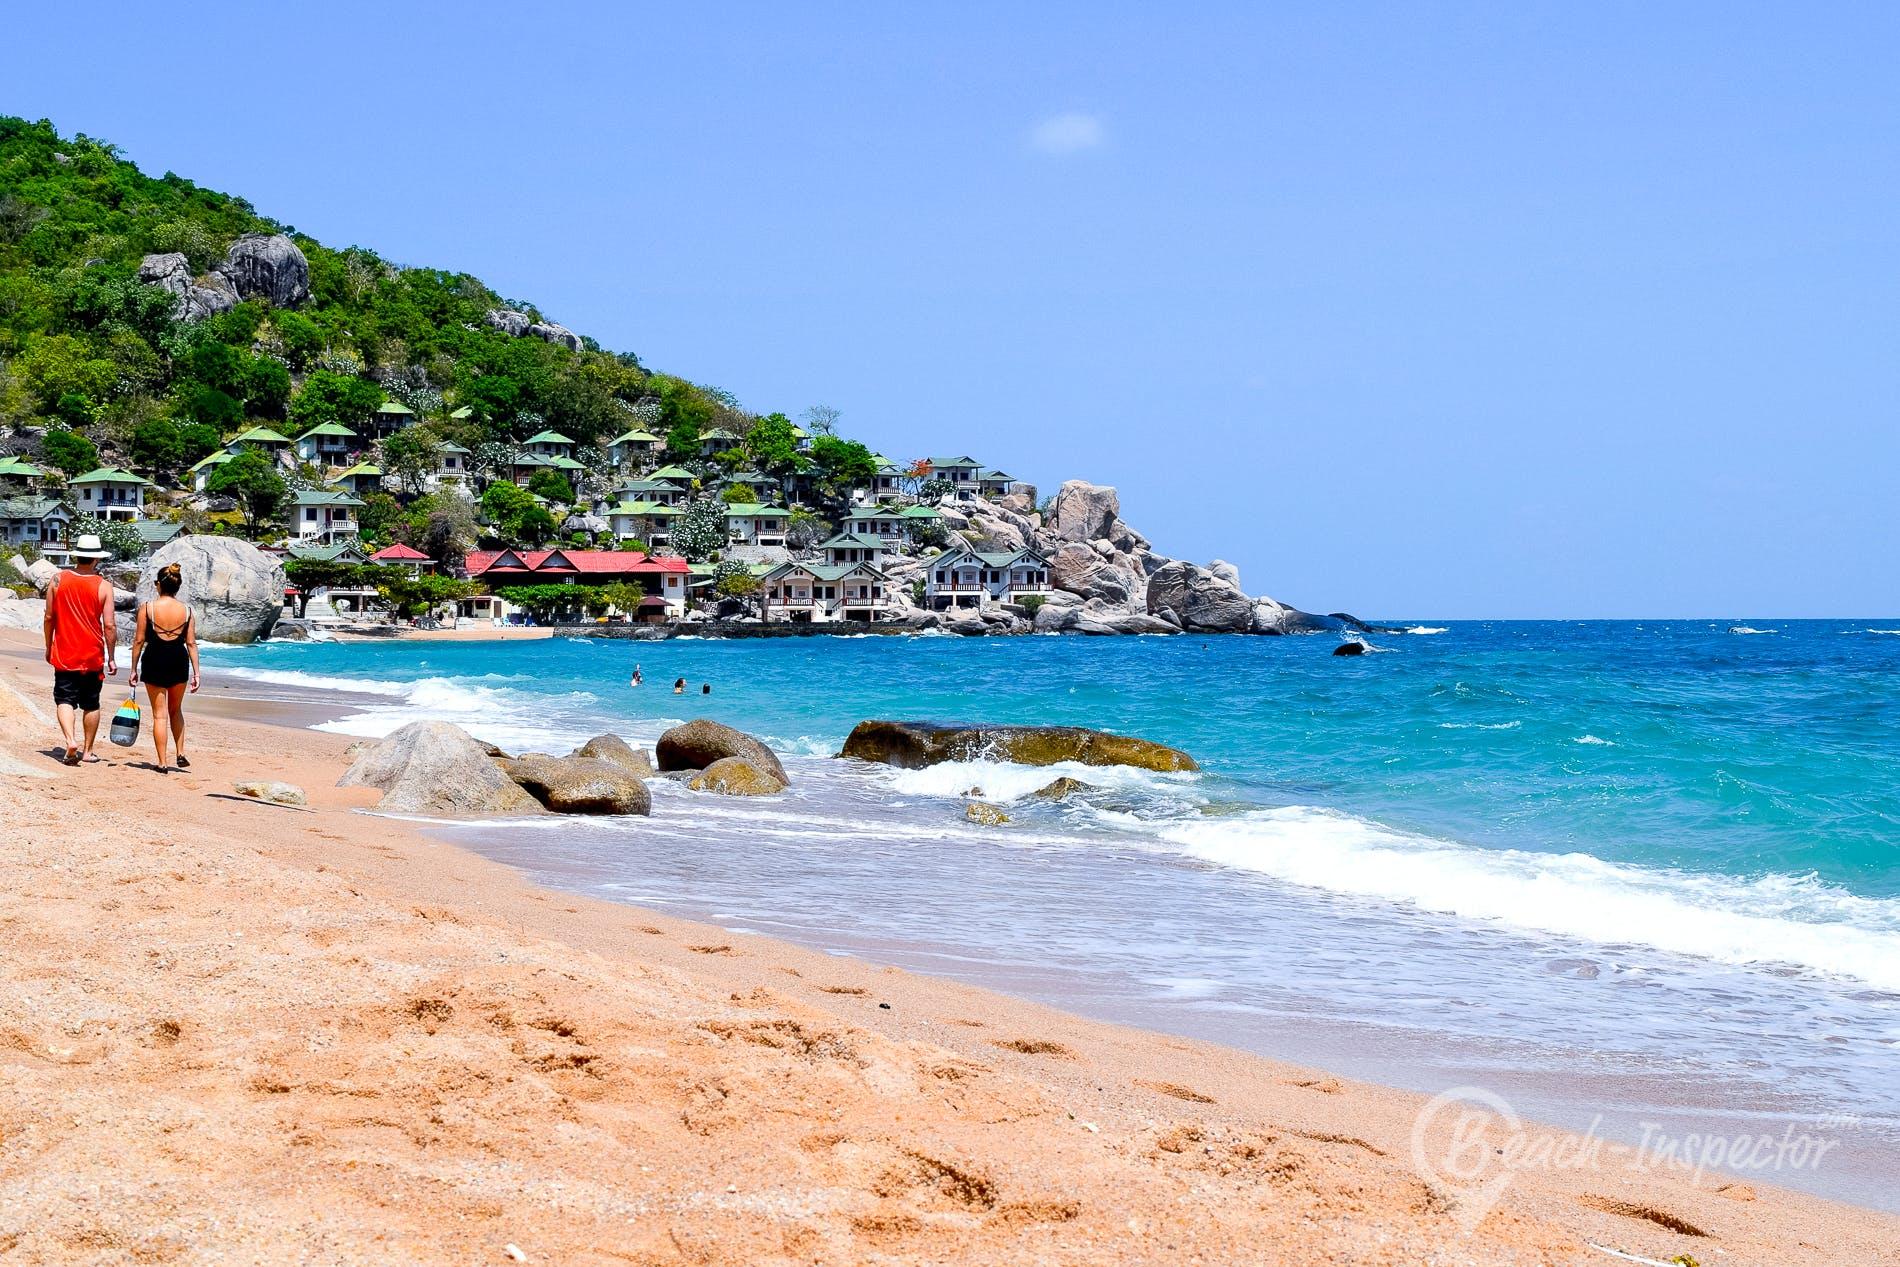 Beach Tanote Bay, Koh Tao, Thailand